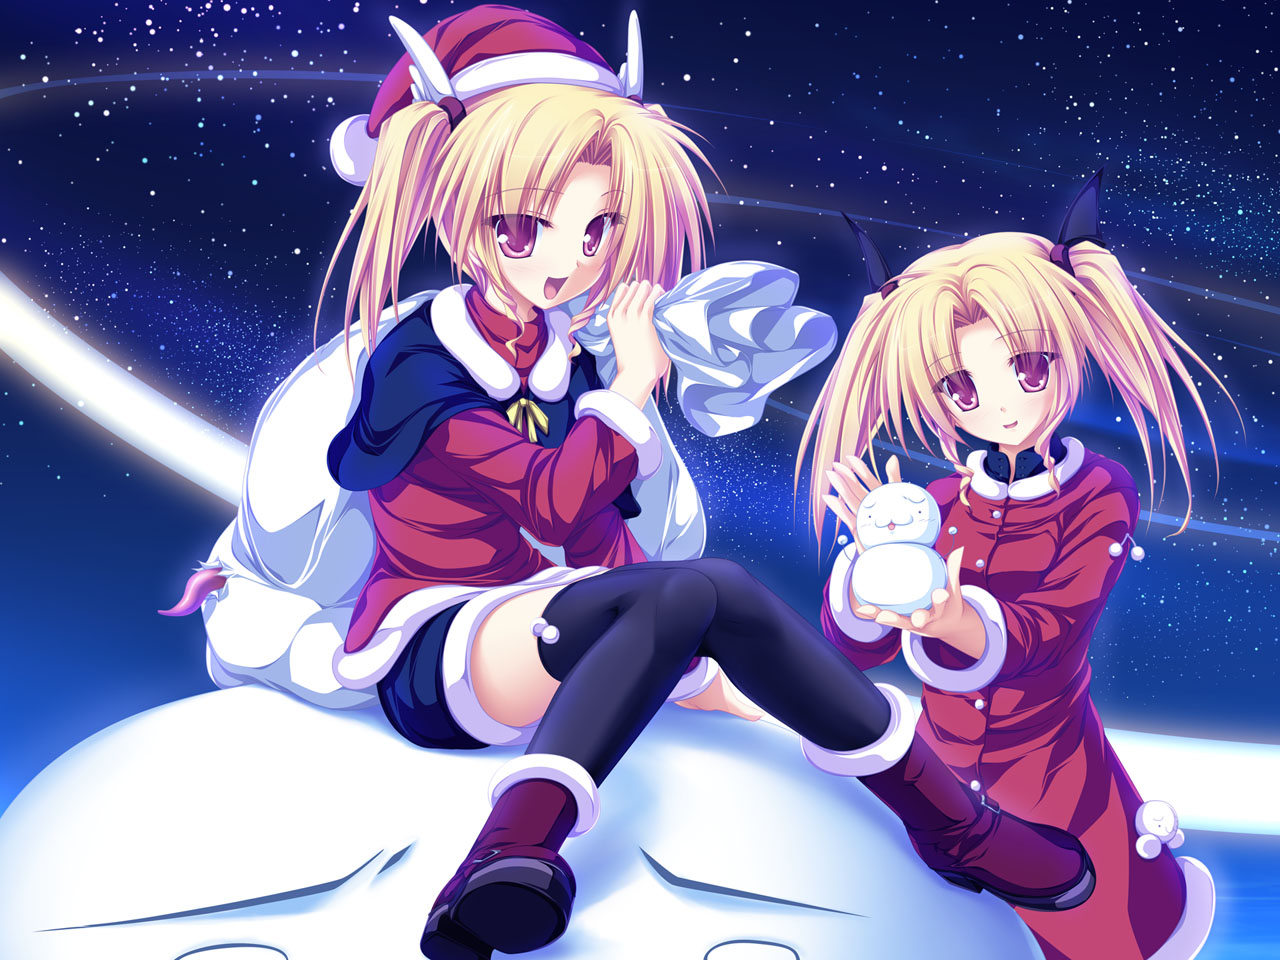 Manga Christmas Pictures